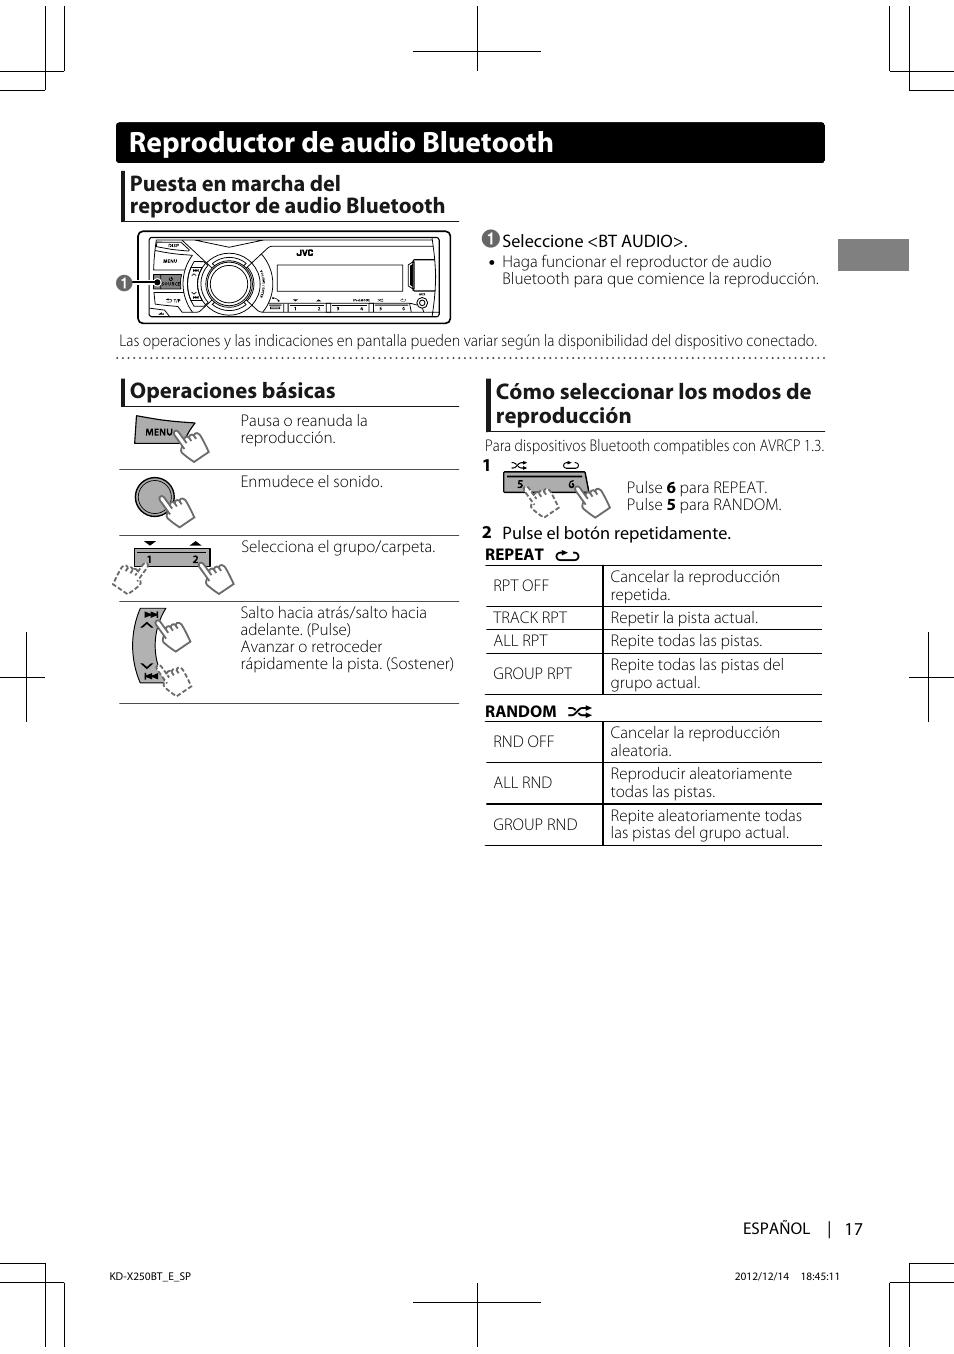 Reproductor de audio bluetooth, Operaciones básicas, Cómo